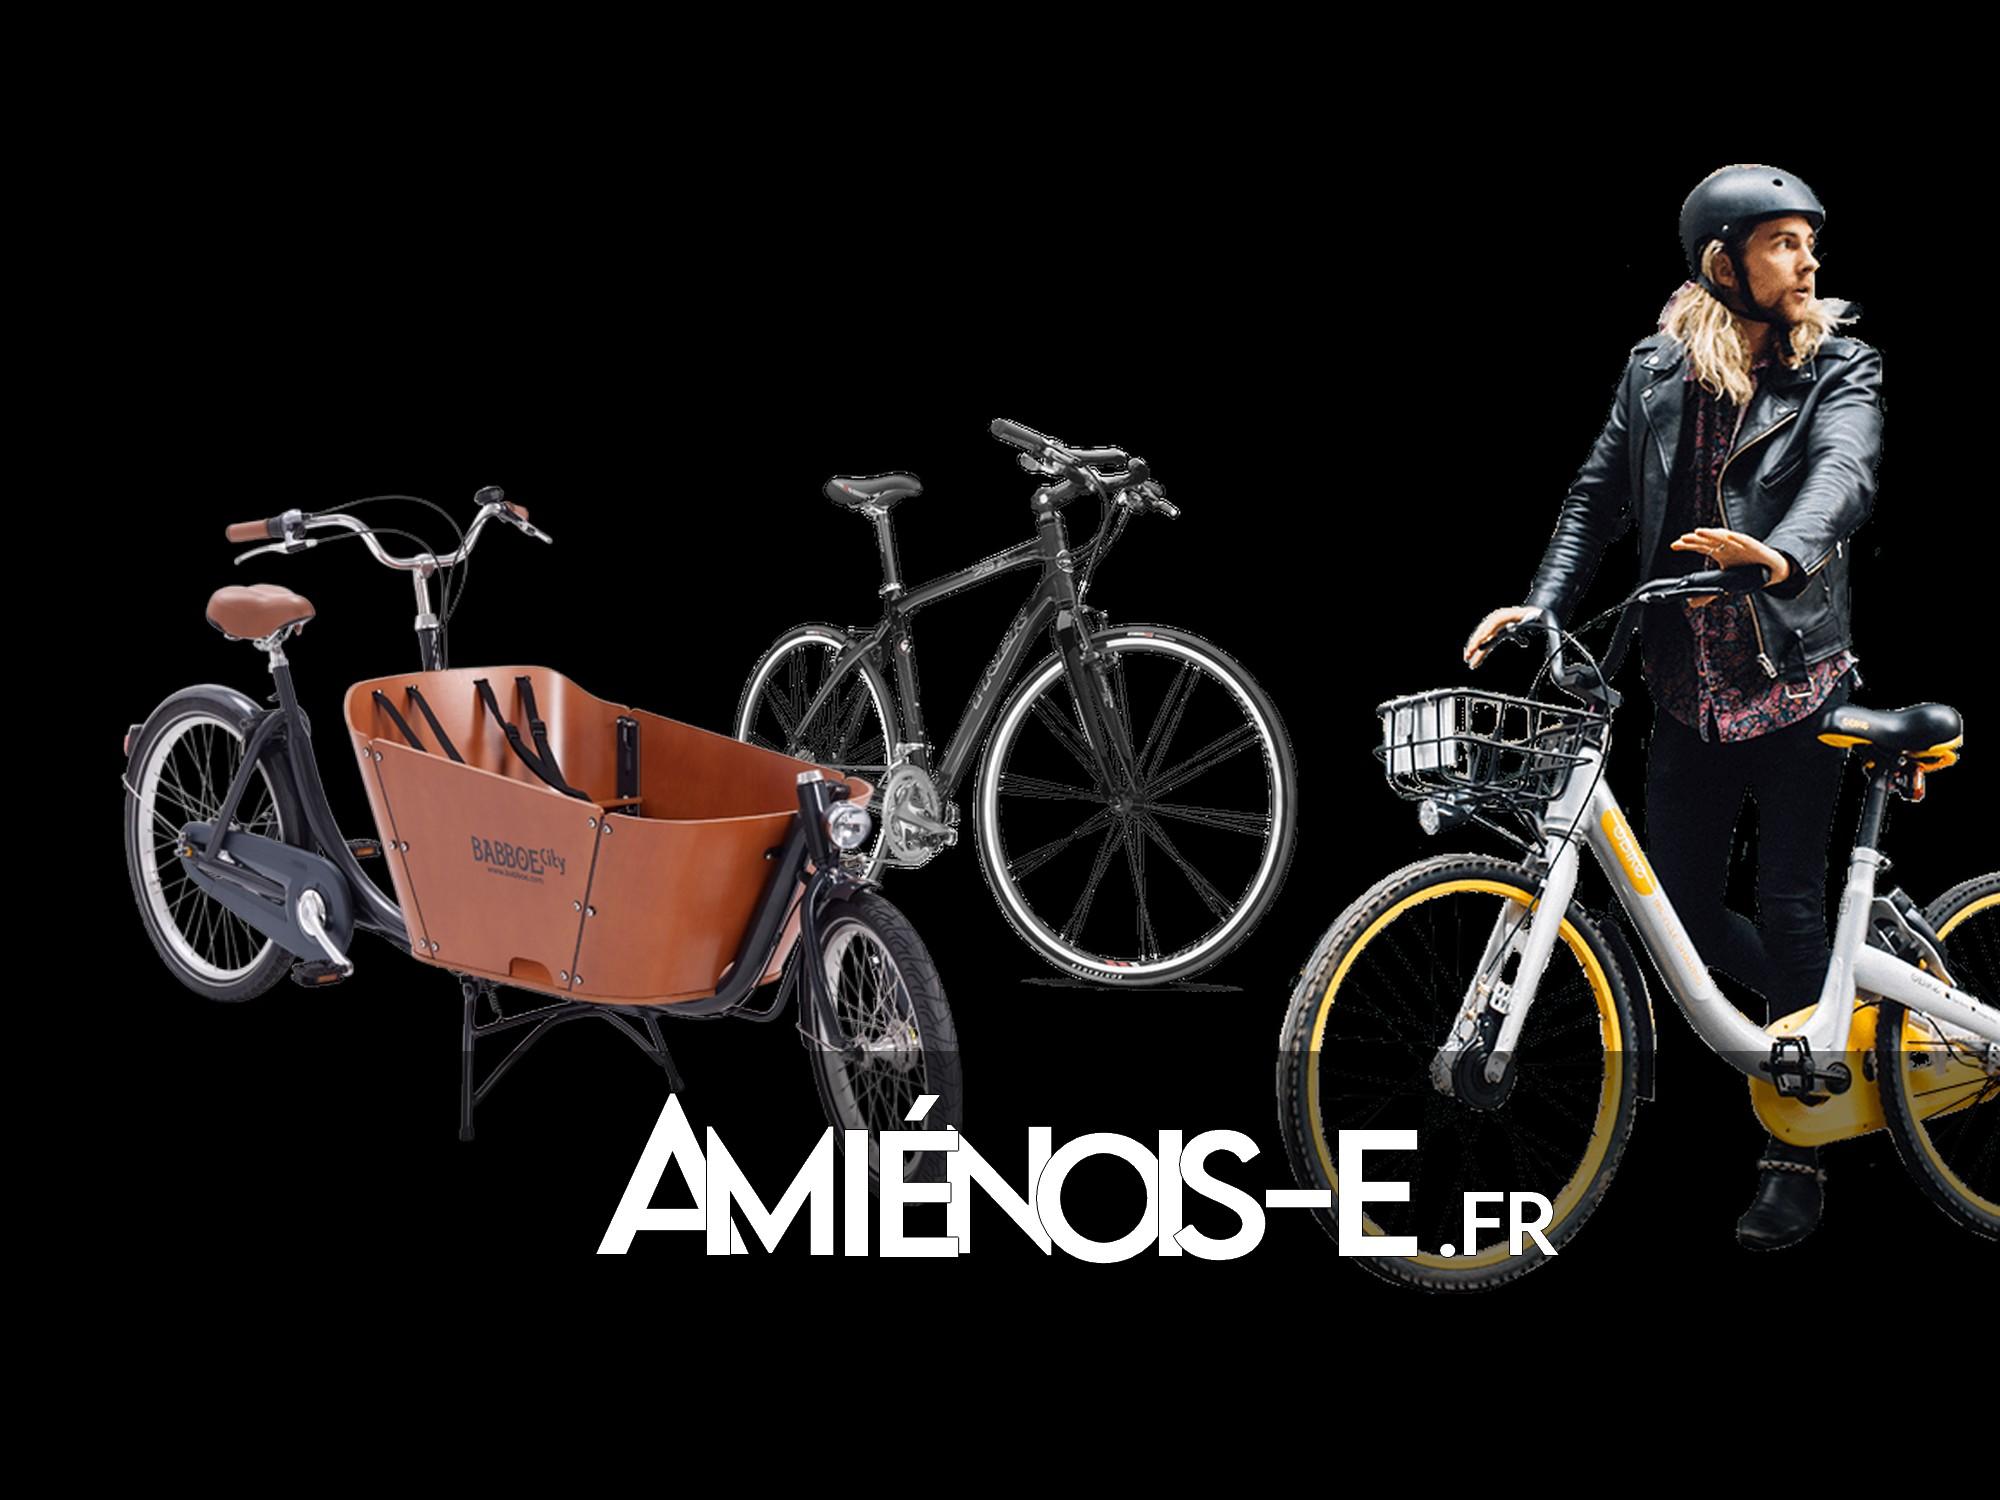 [AMIENS] Achat vélo: toutes les aides, de la Mairie à l'Etat